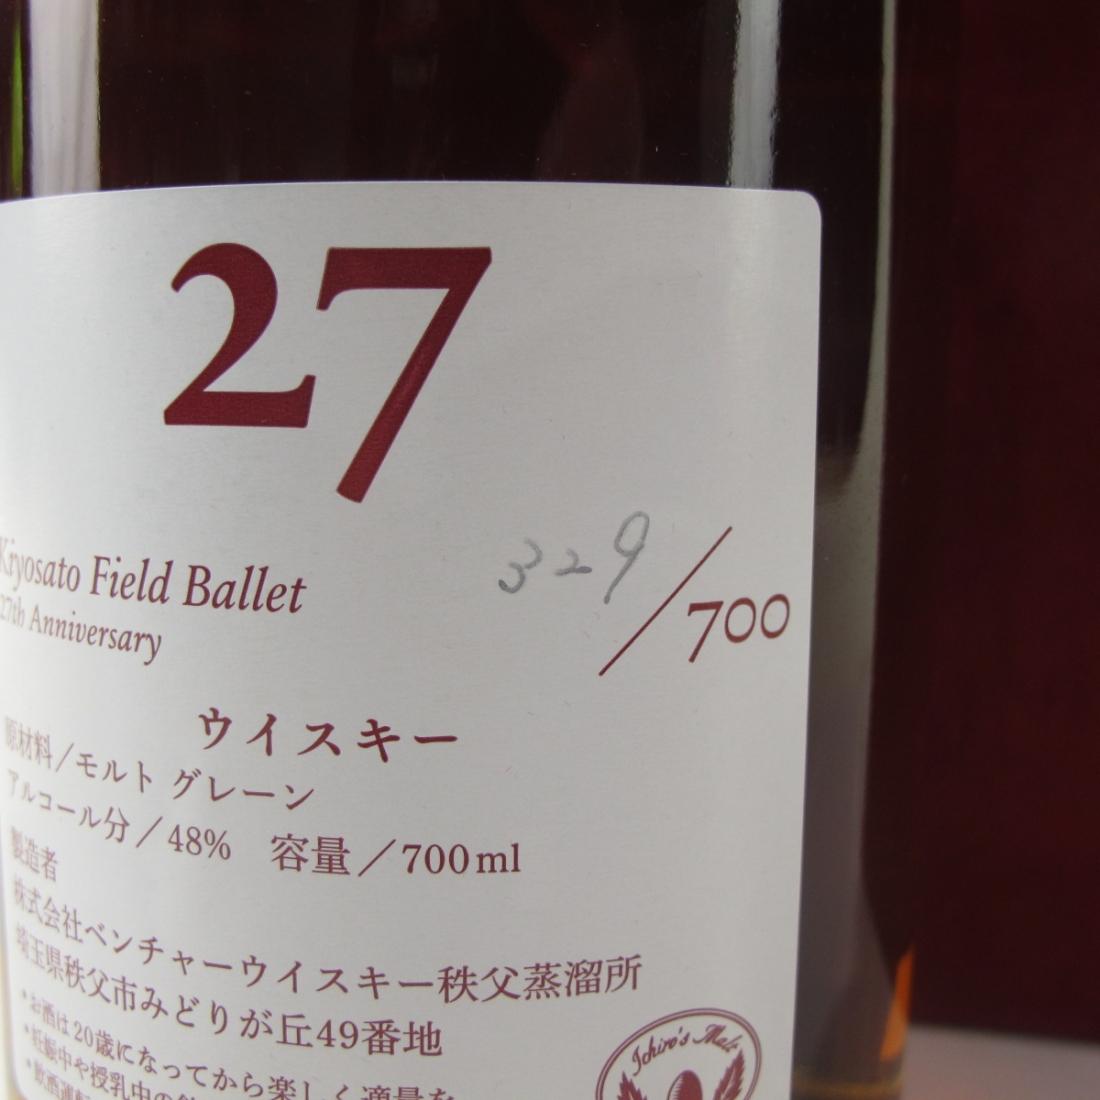 Ichiro's Malt & Grain Kiyosato Field Ballet 27th Anniversary Hanyu / Kawasaki